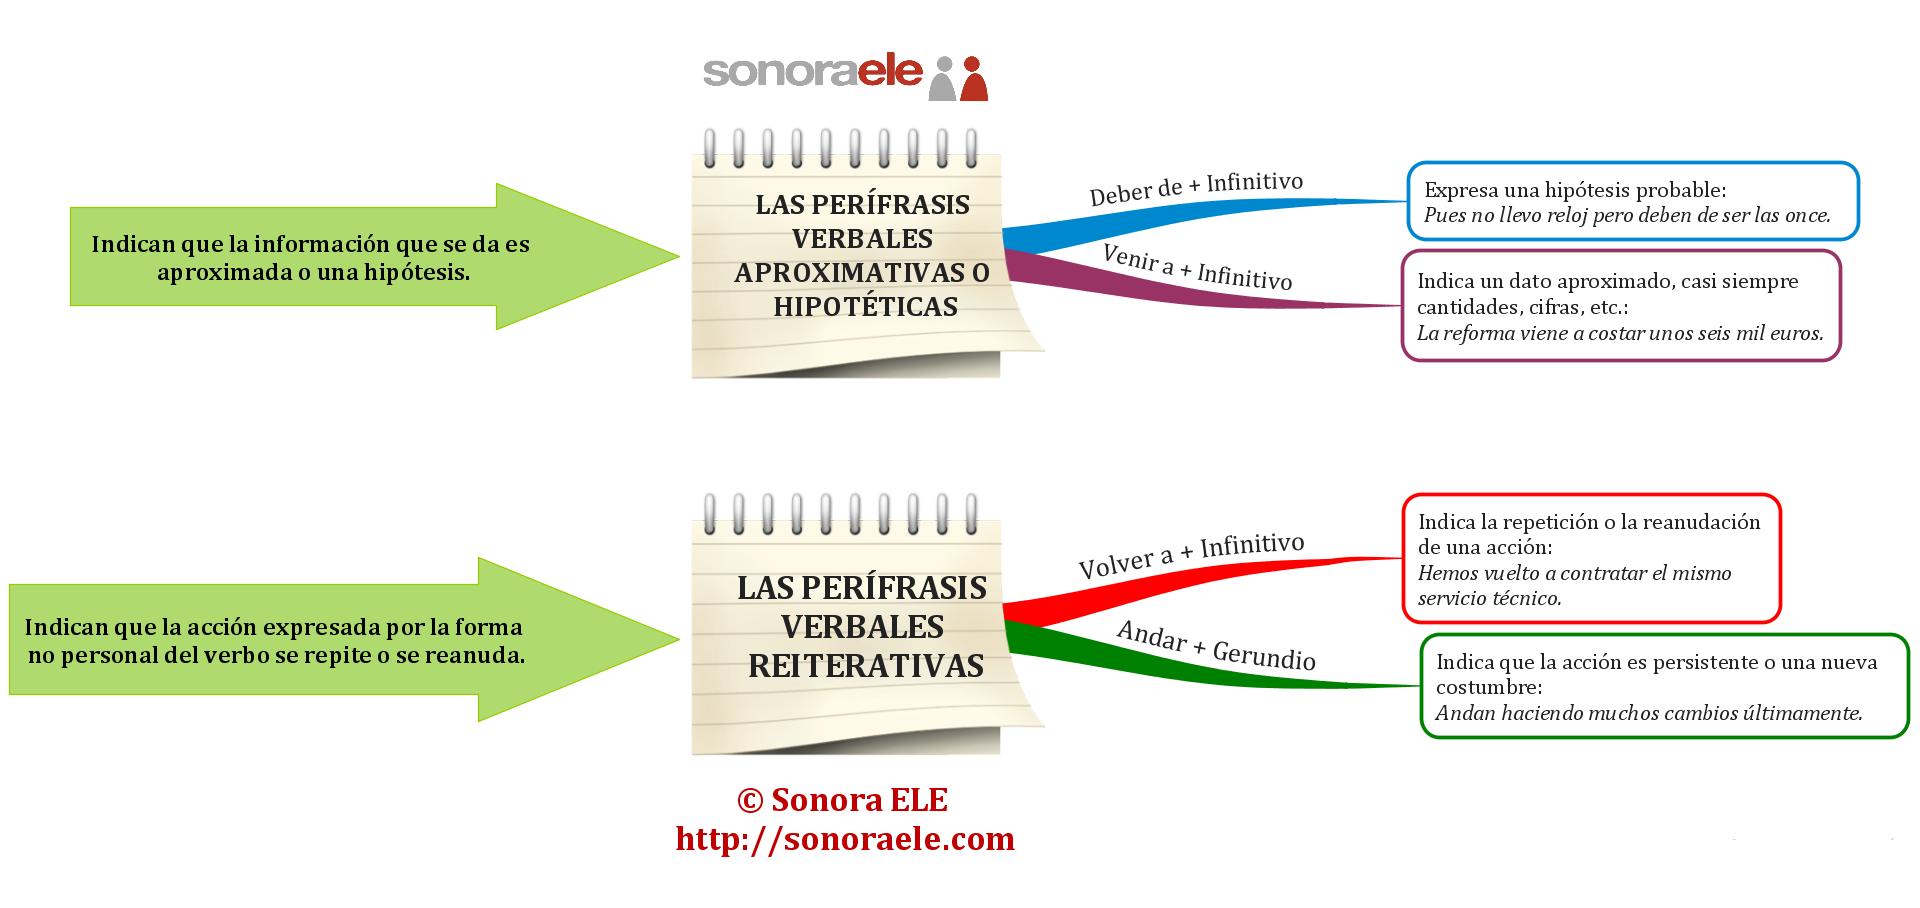 B2 C1 Las Perífrasis Verbales Aproximativas Y Reiterativas Verbal Lenguas Extranjeras Español